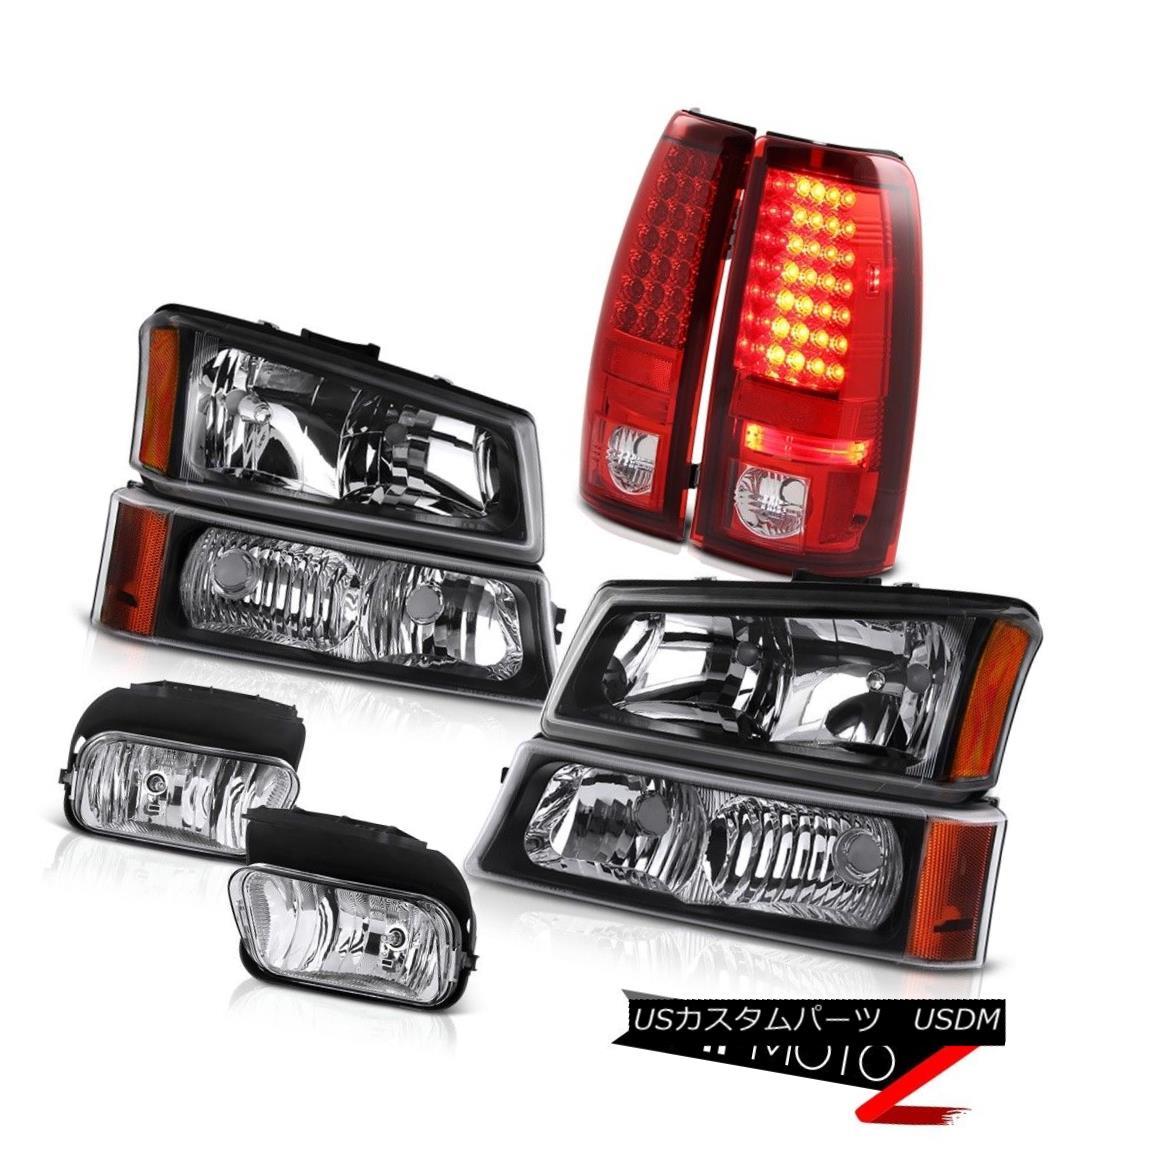 ヘッドライト 03 04 05 06 Silverado Left Right Headlights Crystal Bumper Lamp Brake Taillights 03 04 05 06 Silverado左ライトヘッドライトクリスタルバンパーランプブレーキテールライト